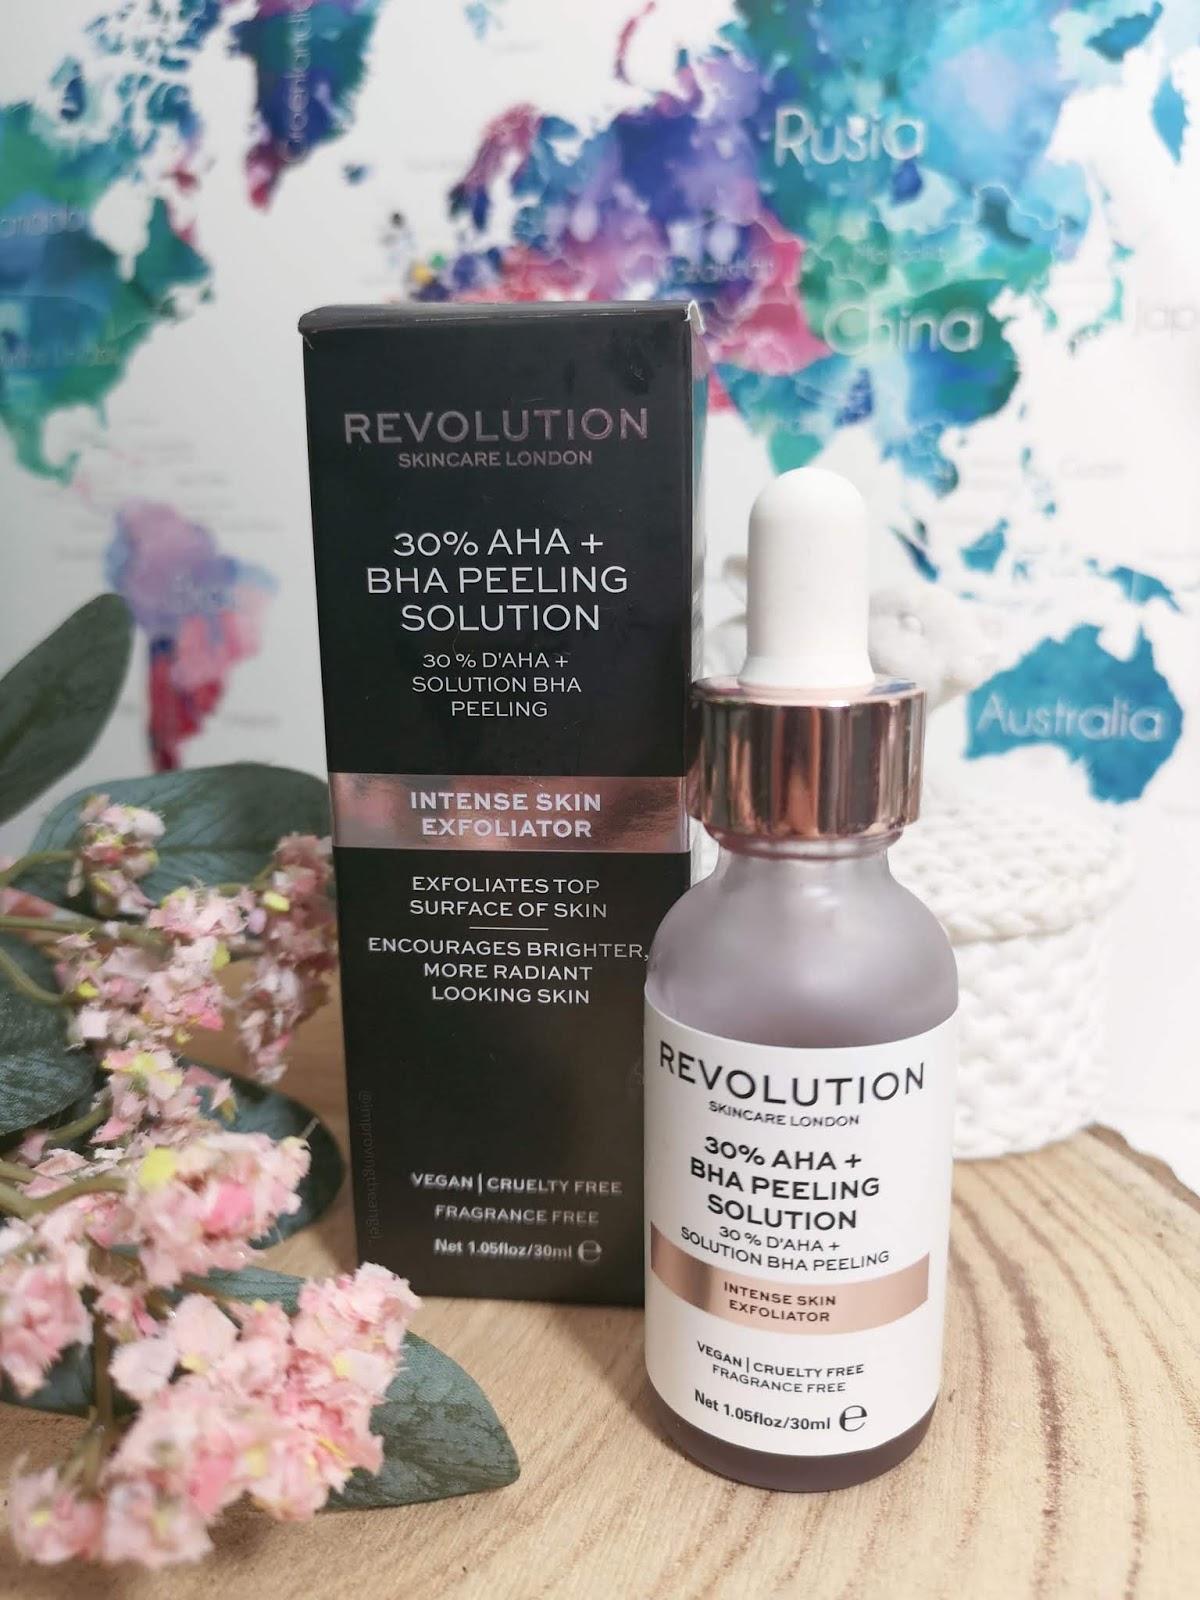 Exfoliante químico 30% AHA + BHA Peeling Solution de Revolution Skincare